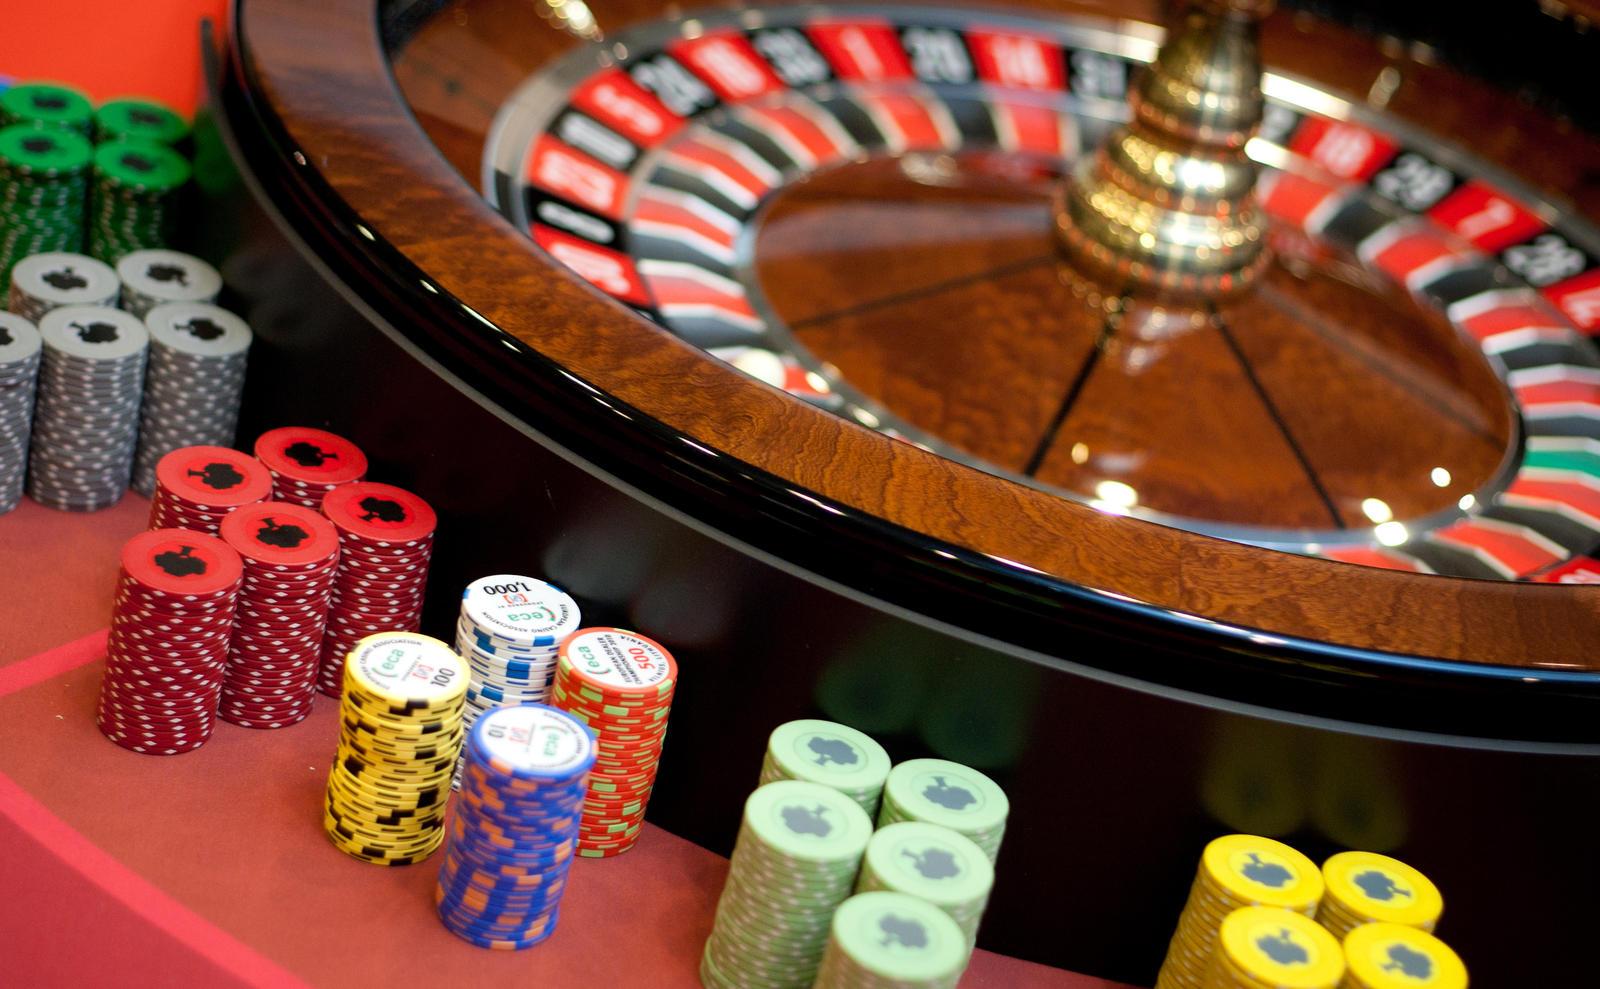 azartiniai lošimai prekyboje dvejetainių parinkčių matematinės sistemos